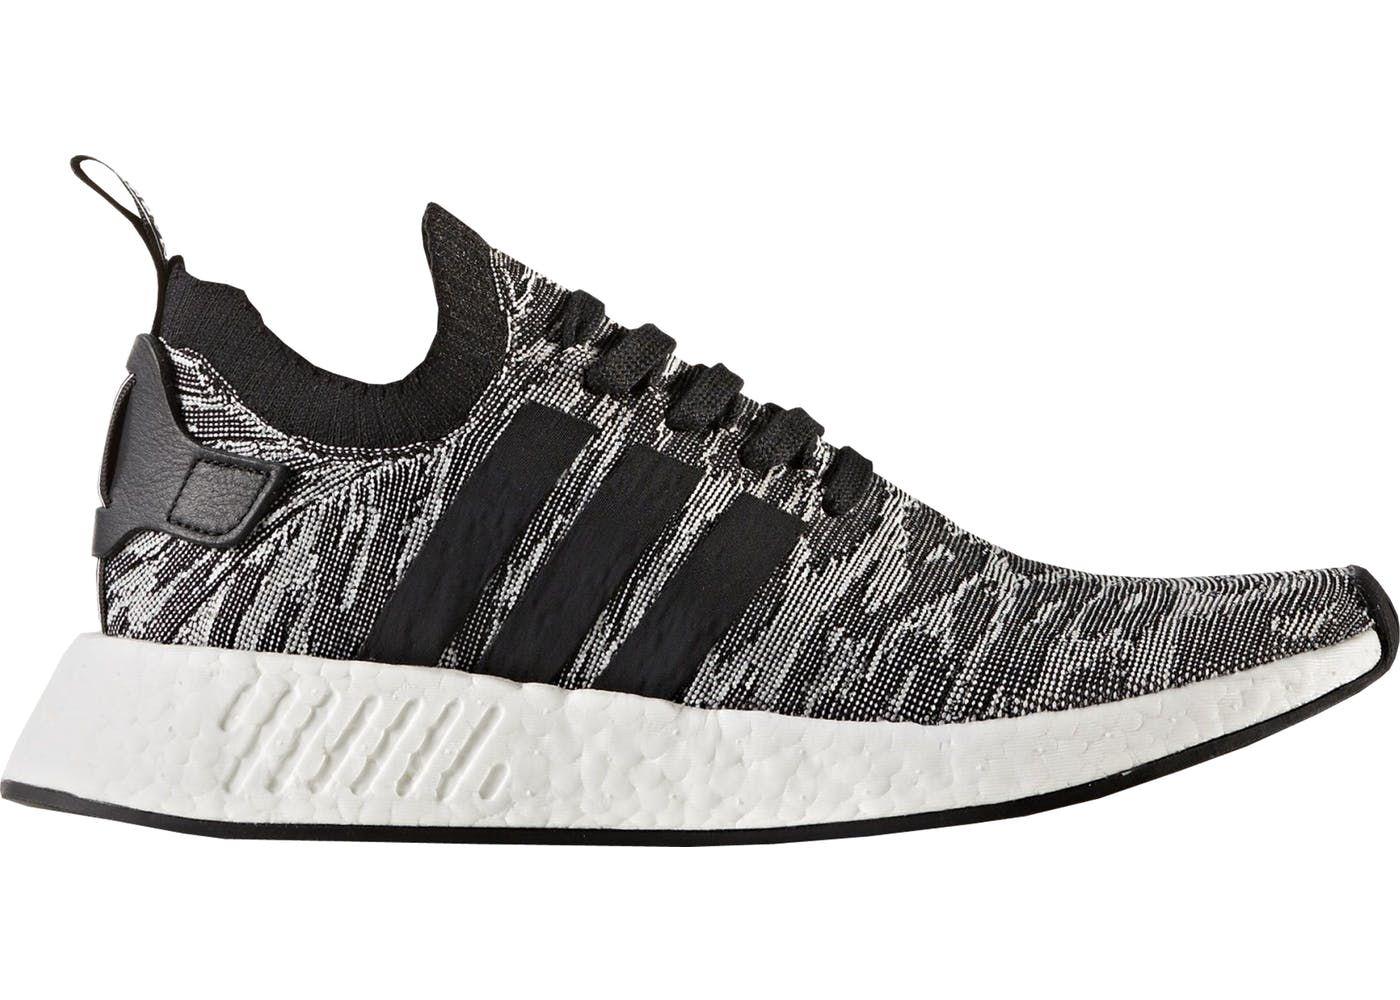 adidas NMD R2 W shoes black